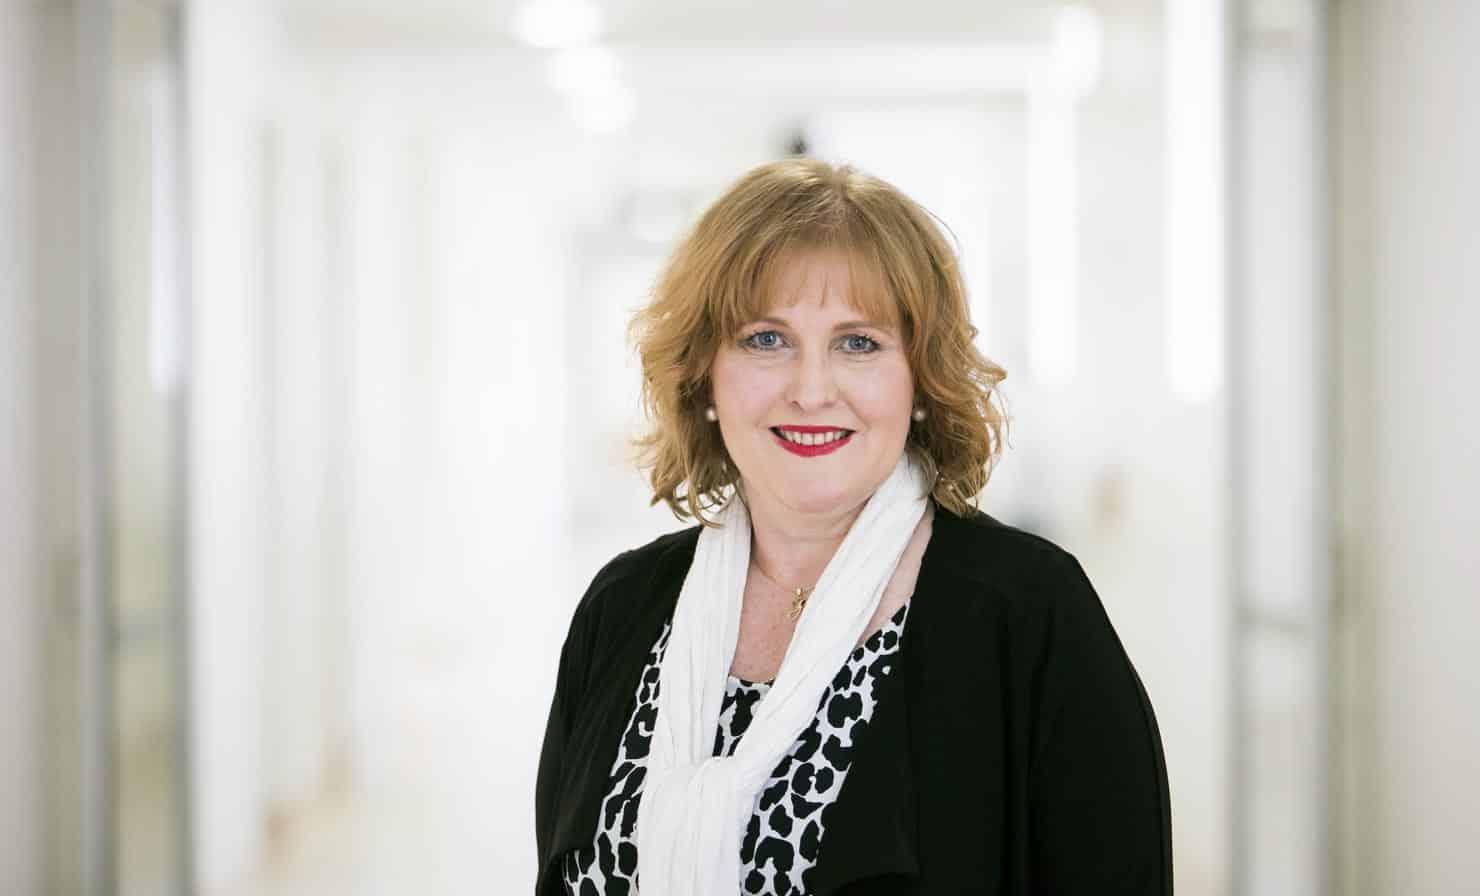 Woman corporate portrait